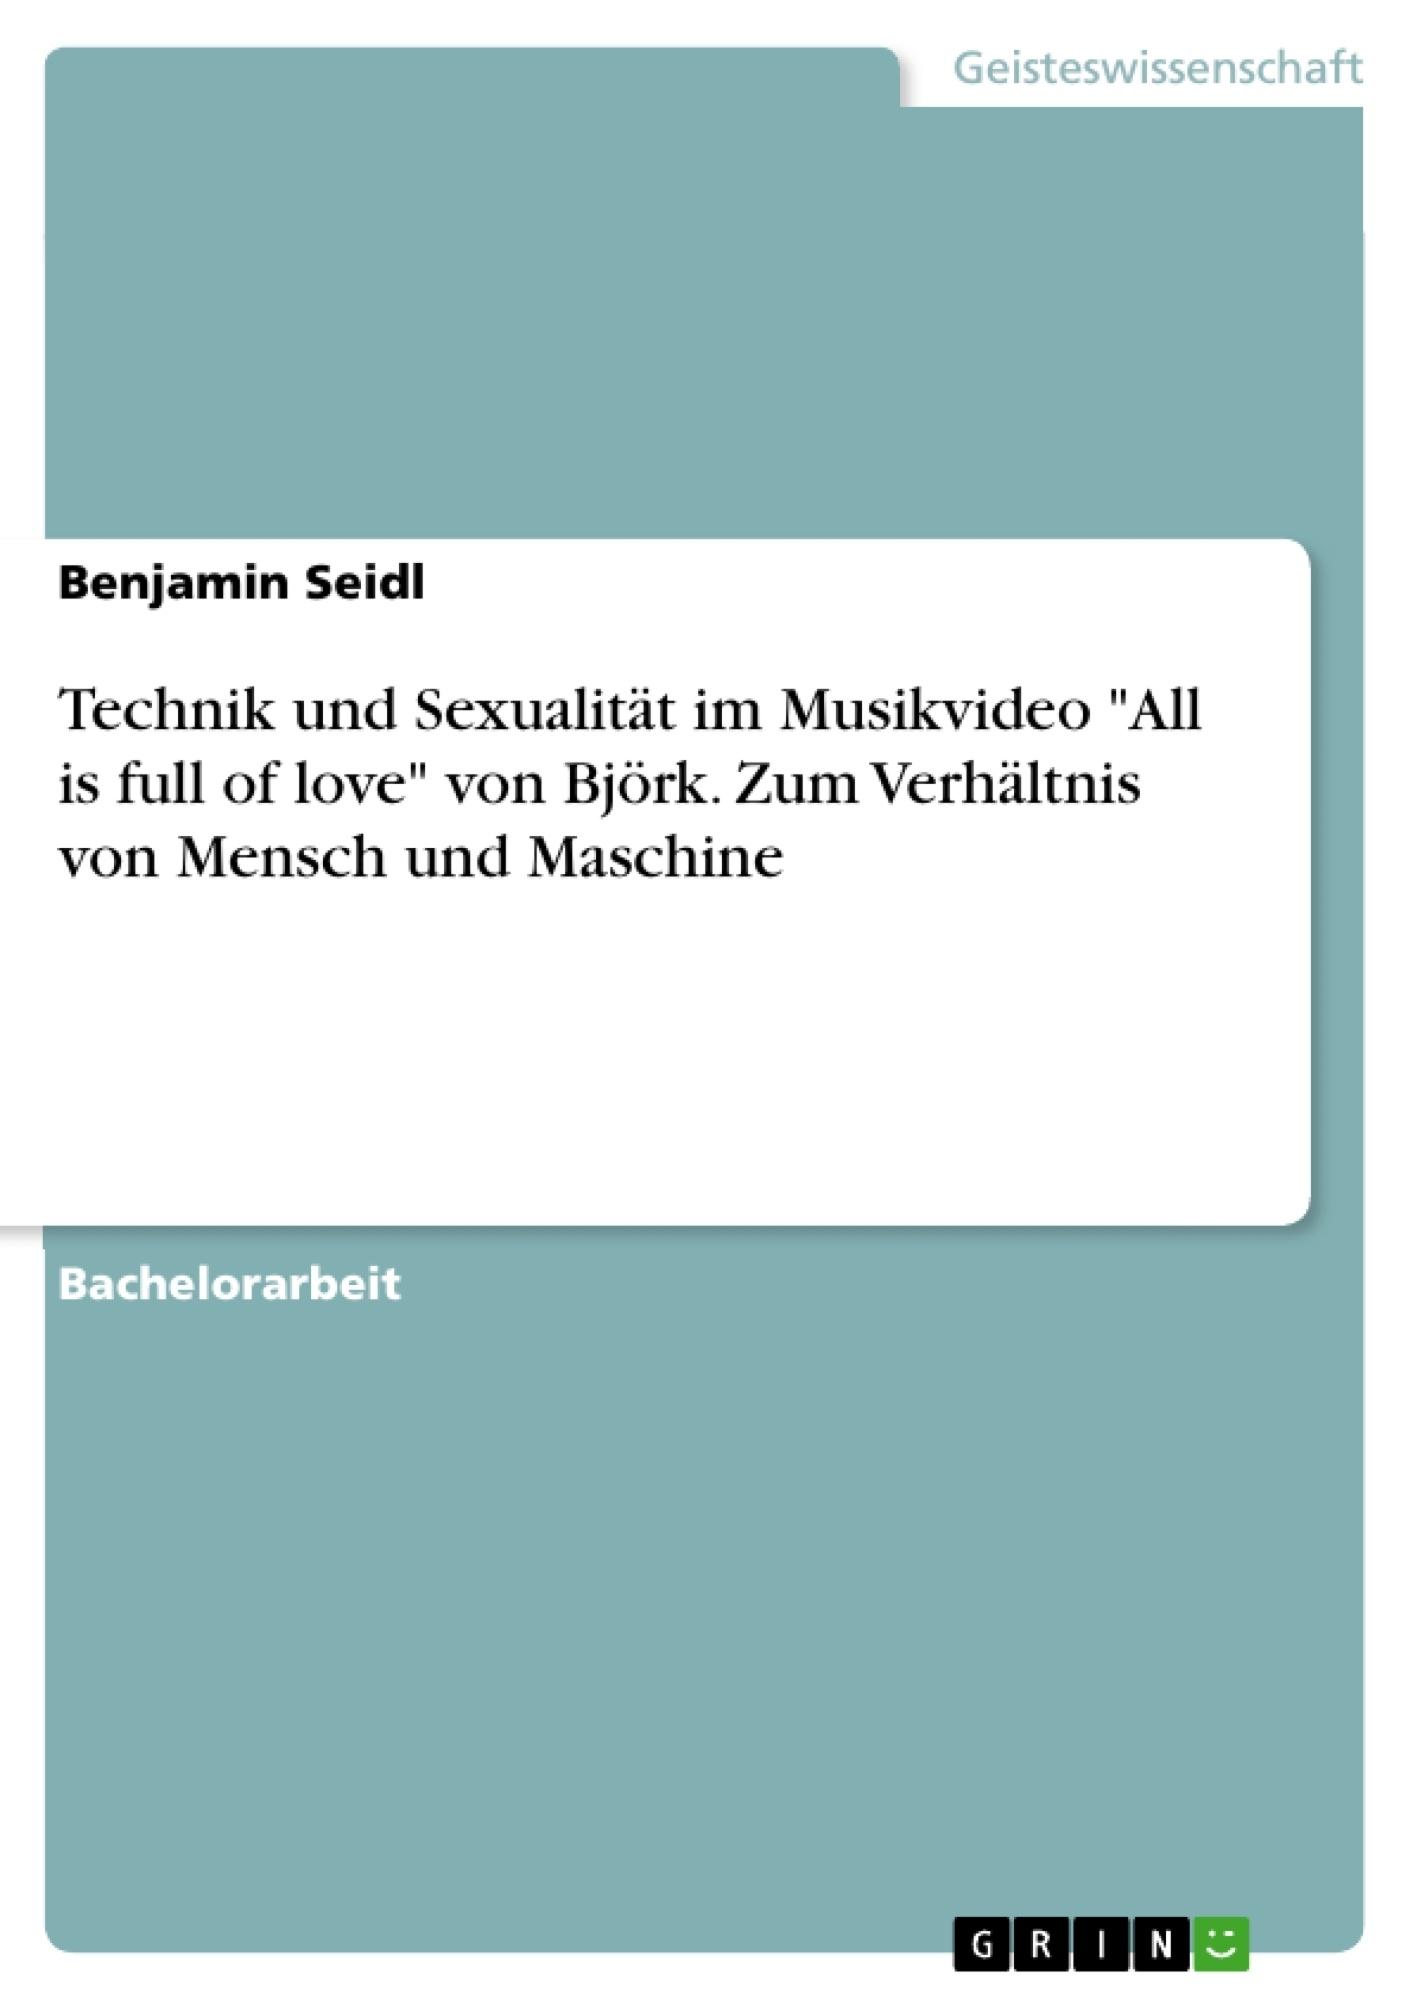 """Titel: Technik und Sexualität im Musikvideo """"All is full of love"""" von Björk. Zum Verhältnis von Mensch und Maschine"""